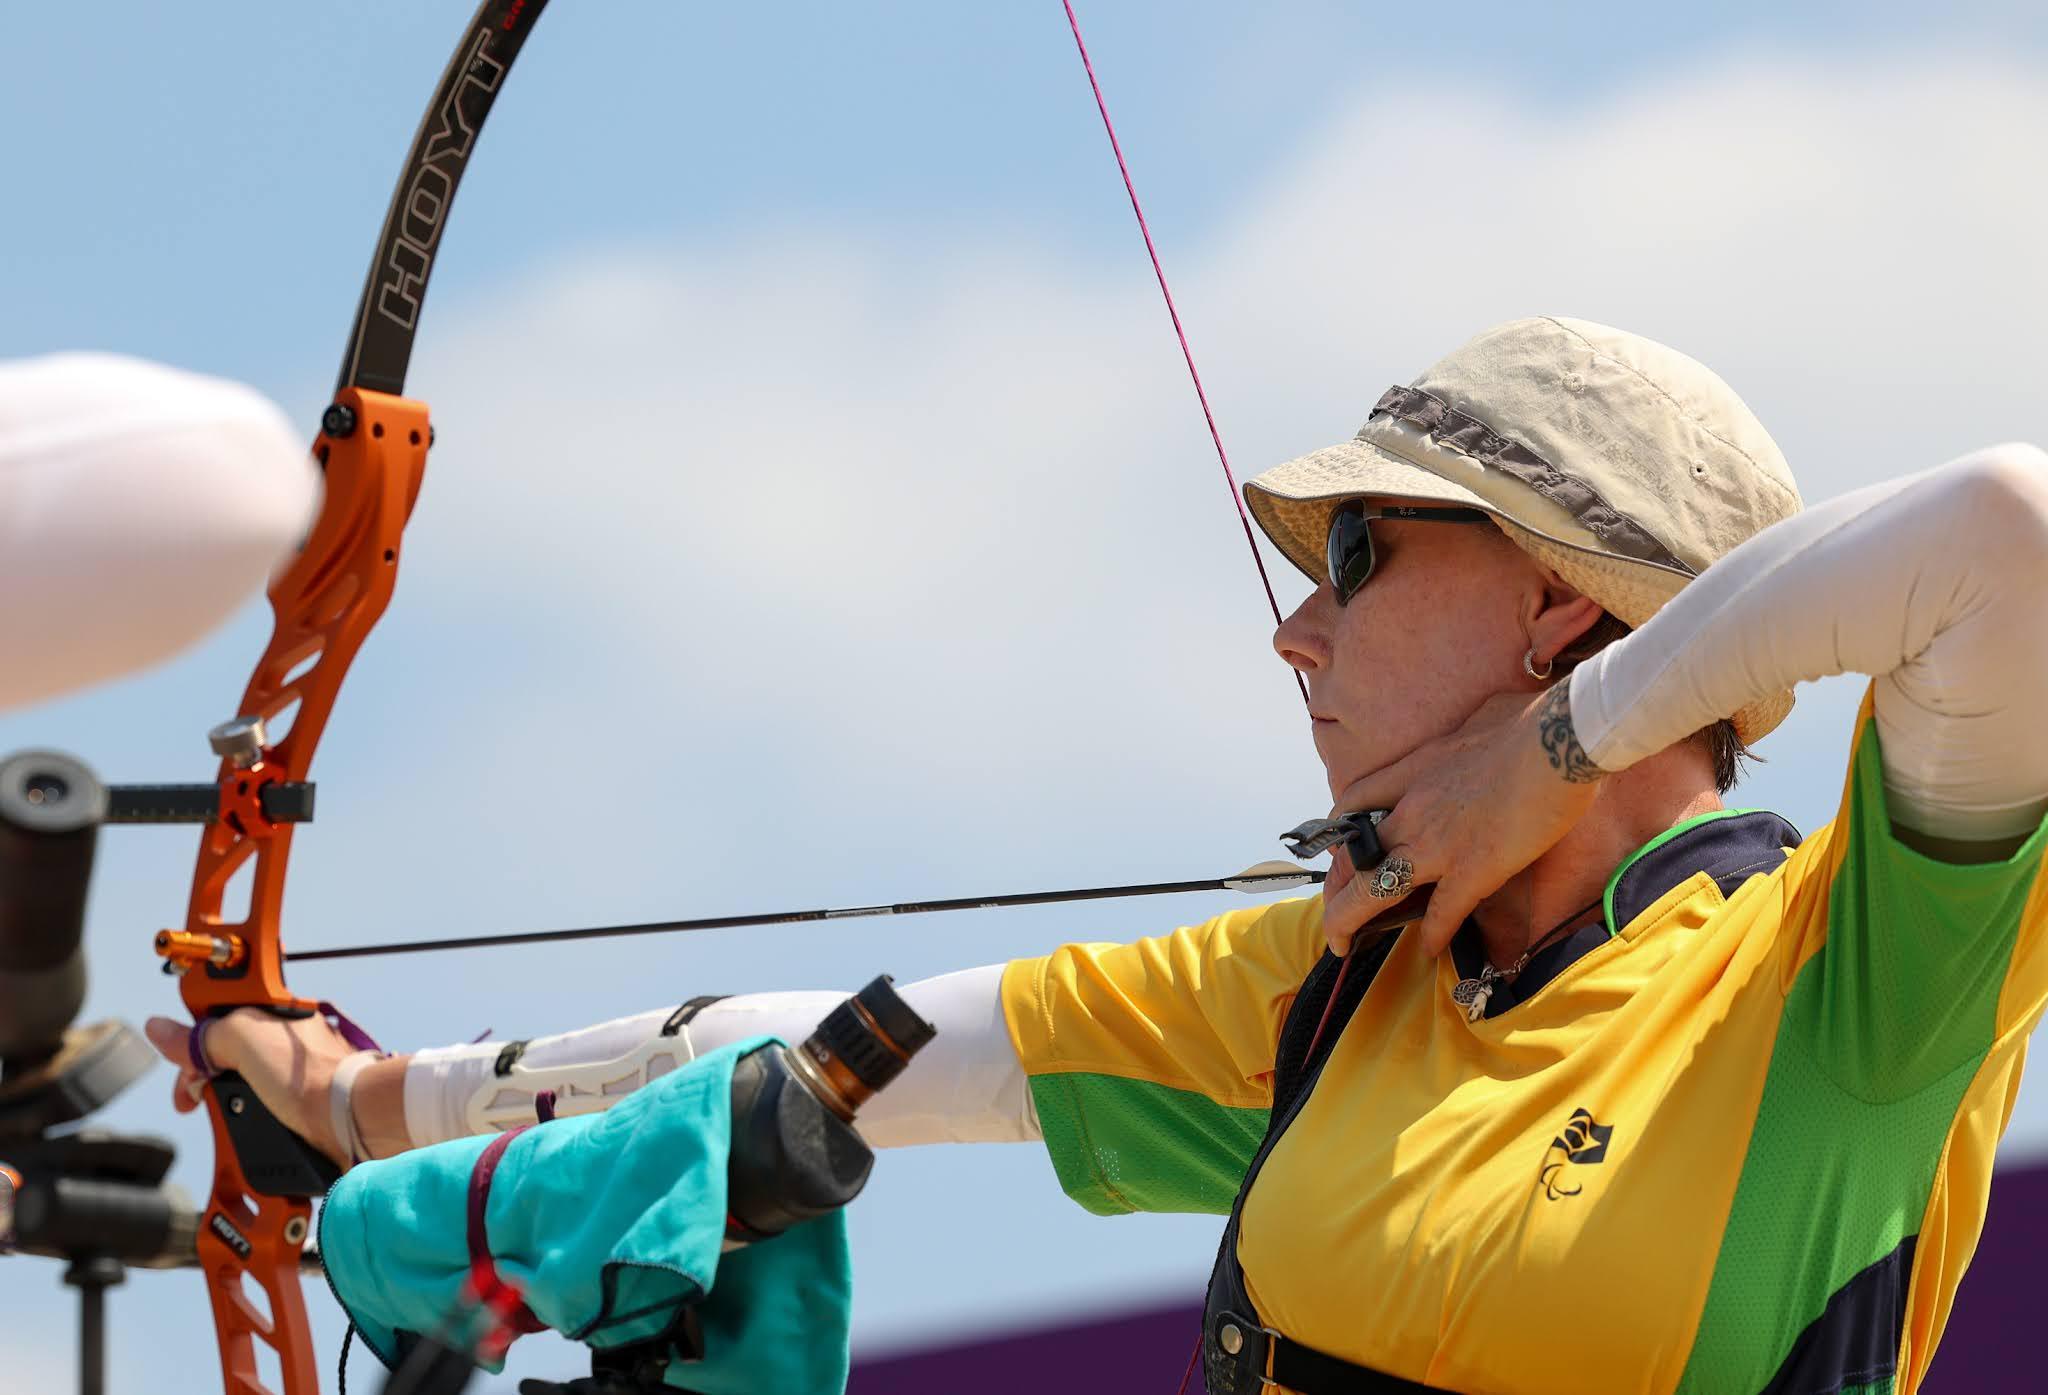 Fabíola Dergovics, de uniforme amarelo, chapéu e óculos, segura o arco e mira